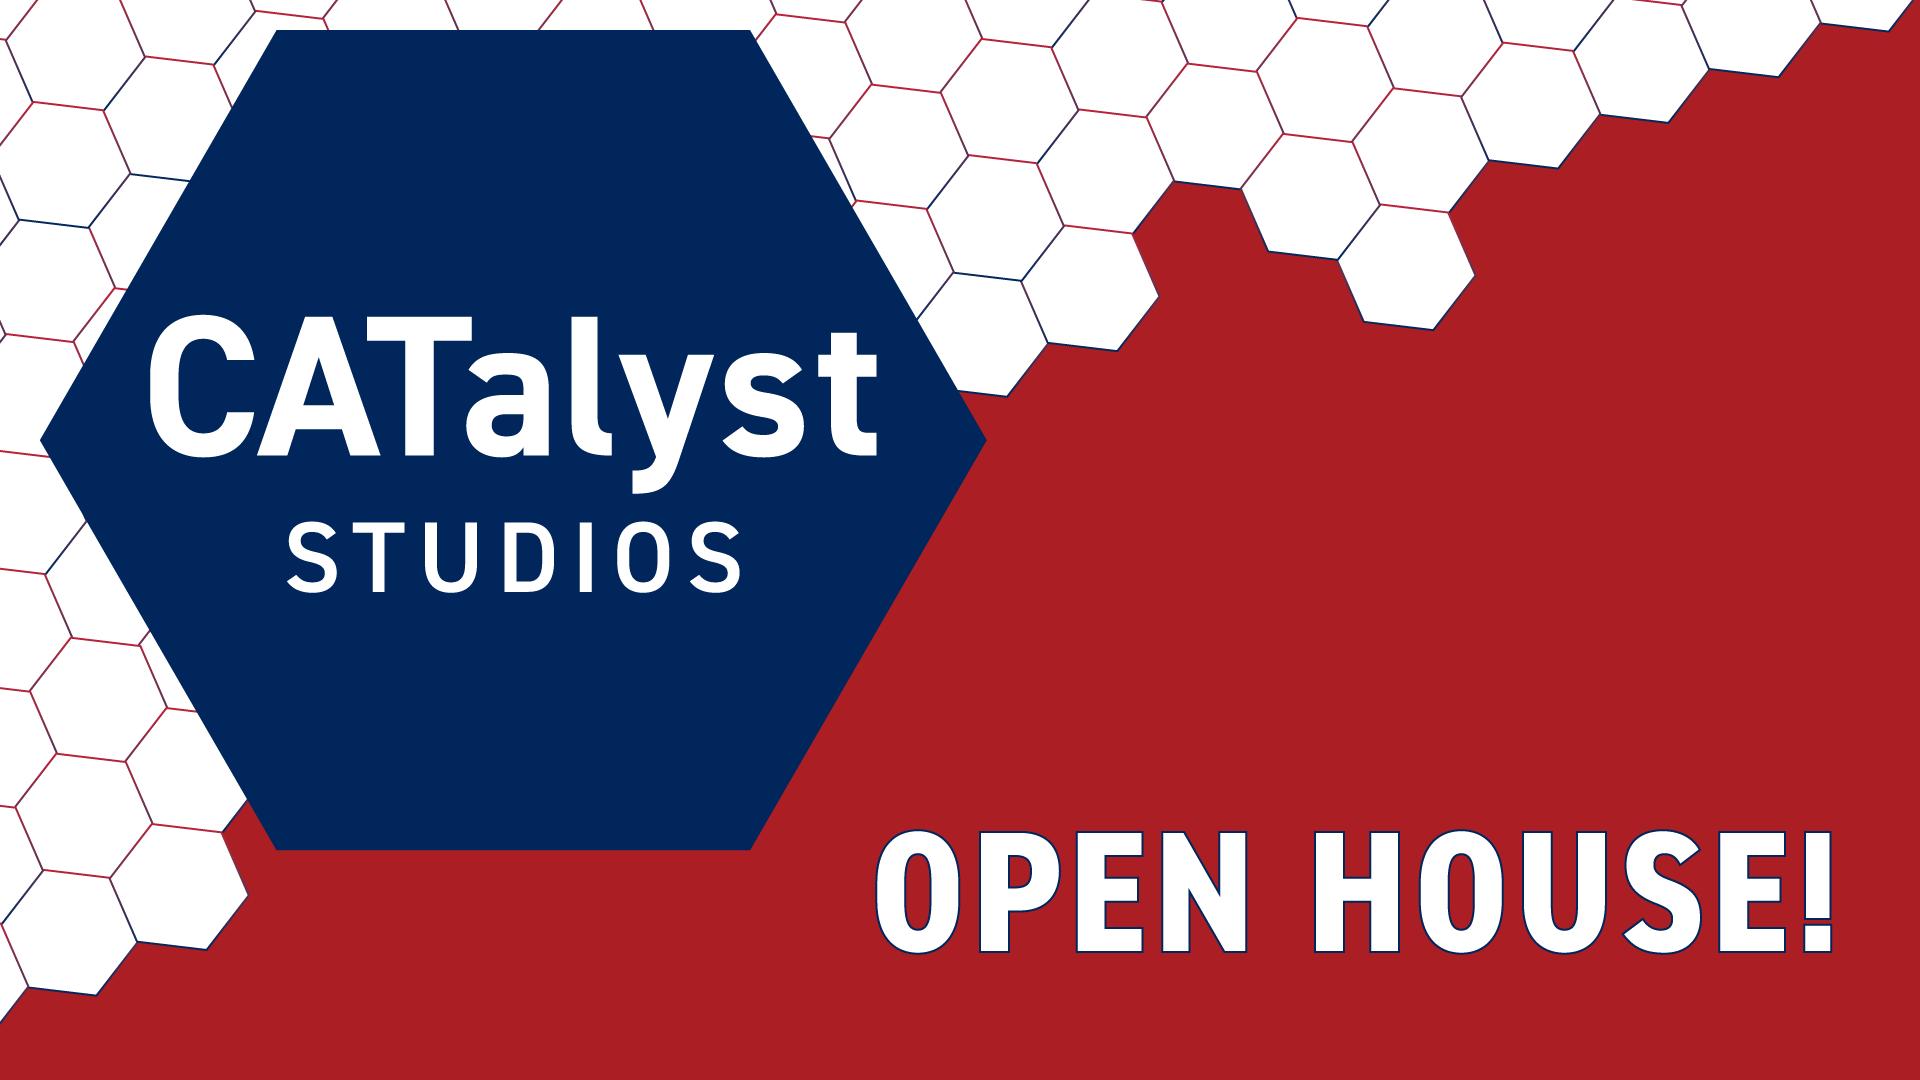 CATalyst Studios Open House